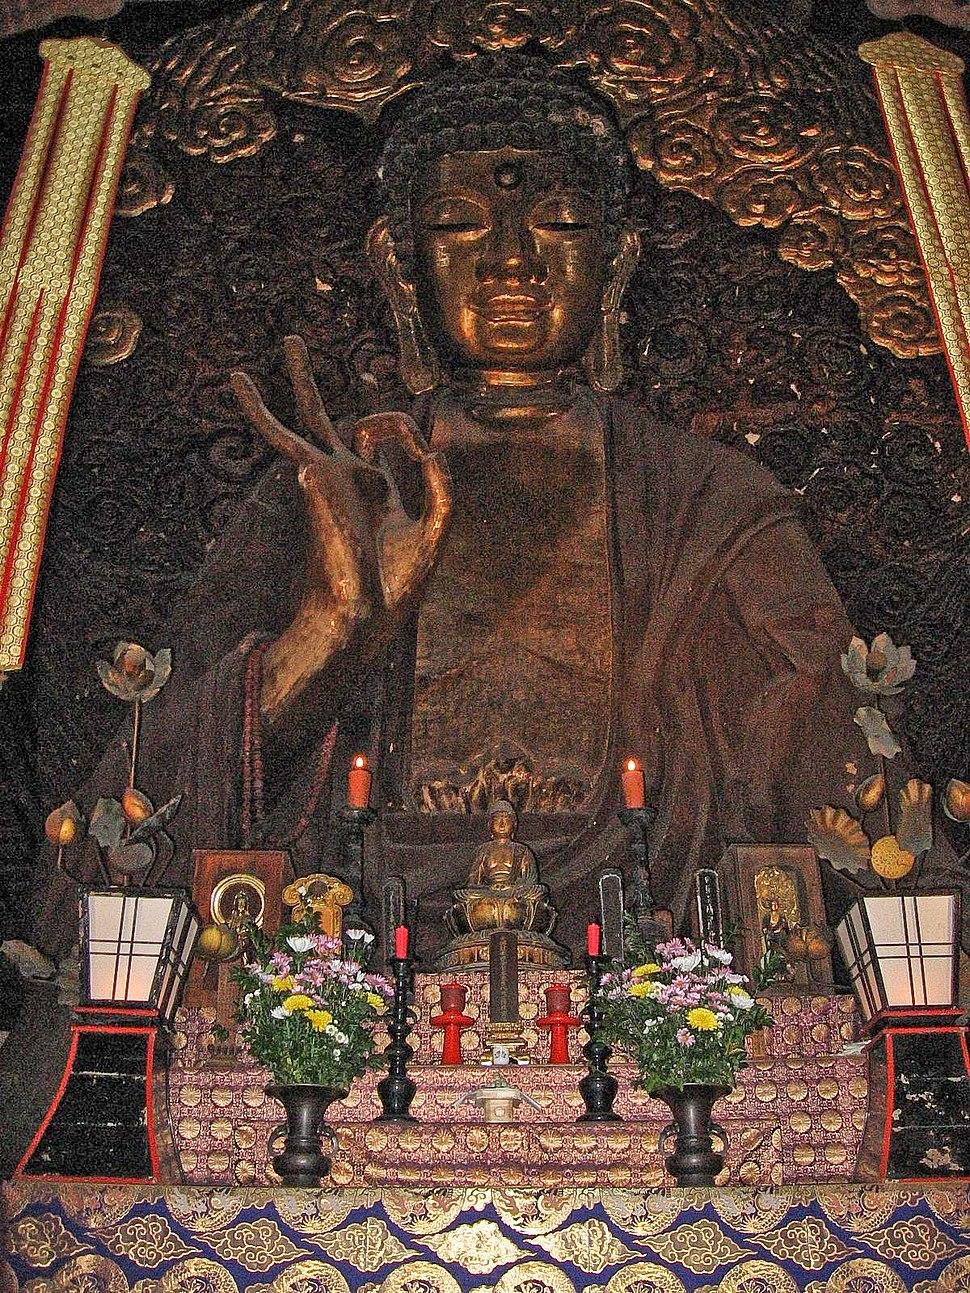 Gifugreatbuddha